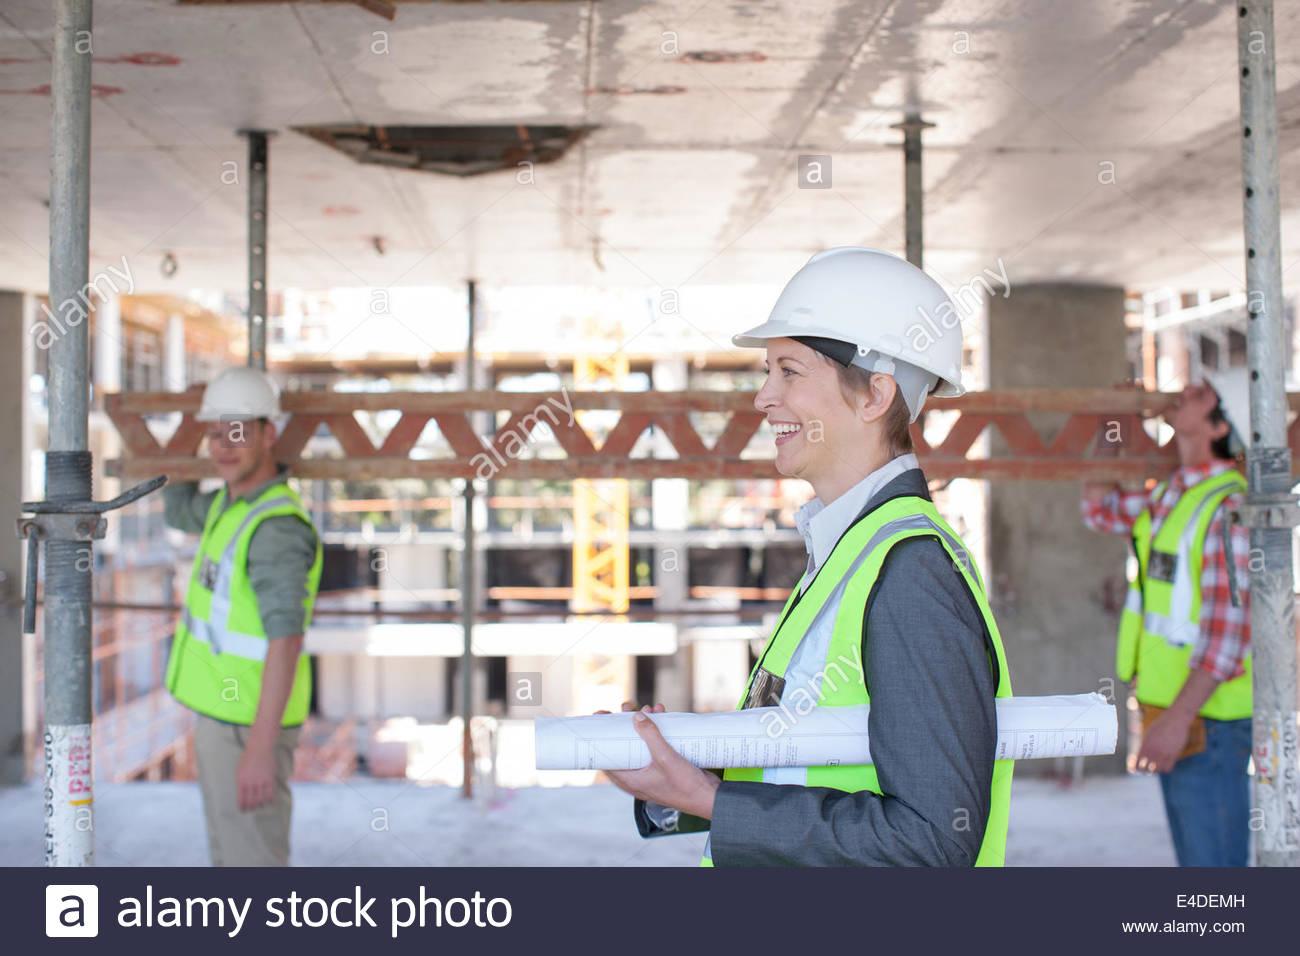 Trabajador de la construcción llevando unos planes en construcción Imagen De Stock